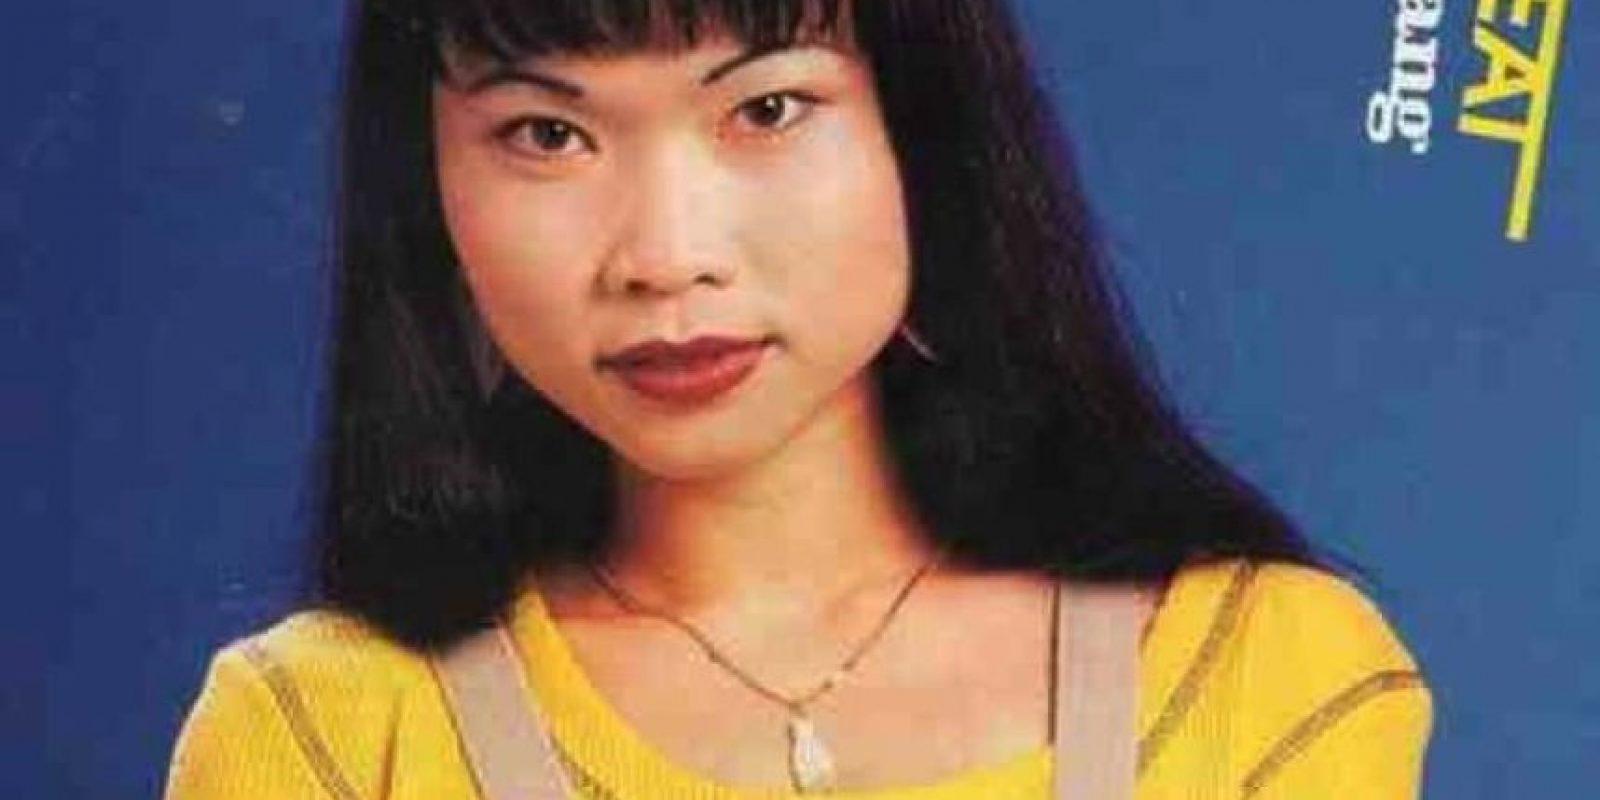 El 3 de septiembre de 2001, la actriz falleció en un accidente automovilístico Foto:Tumblr